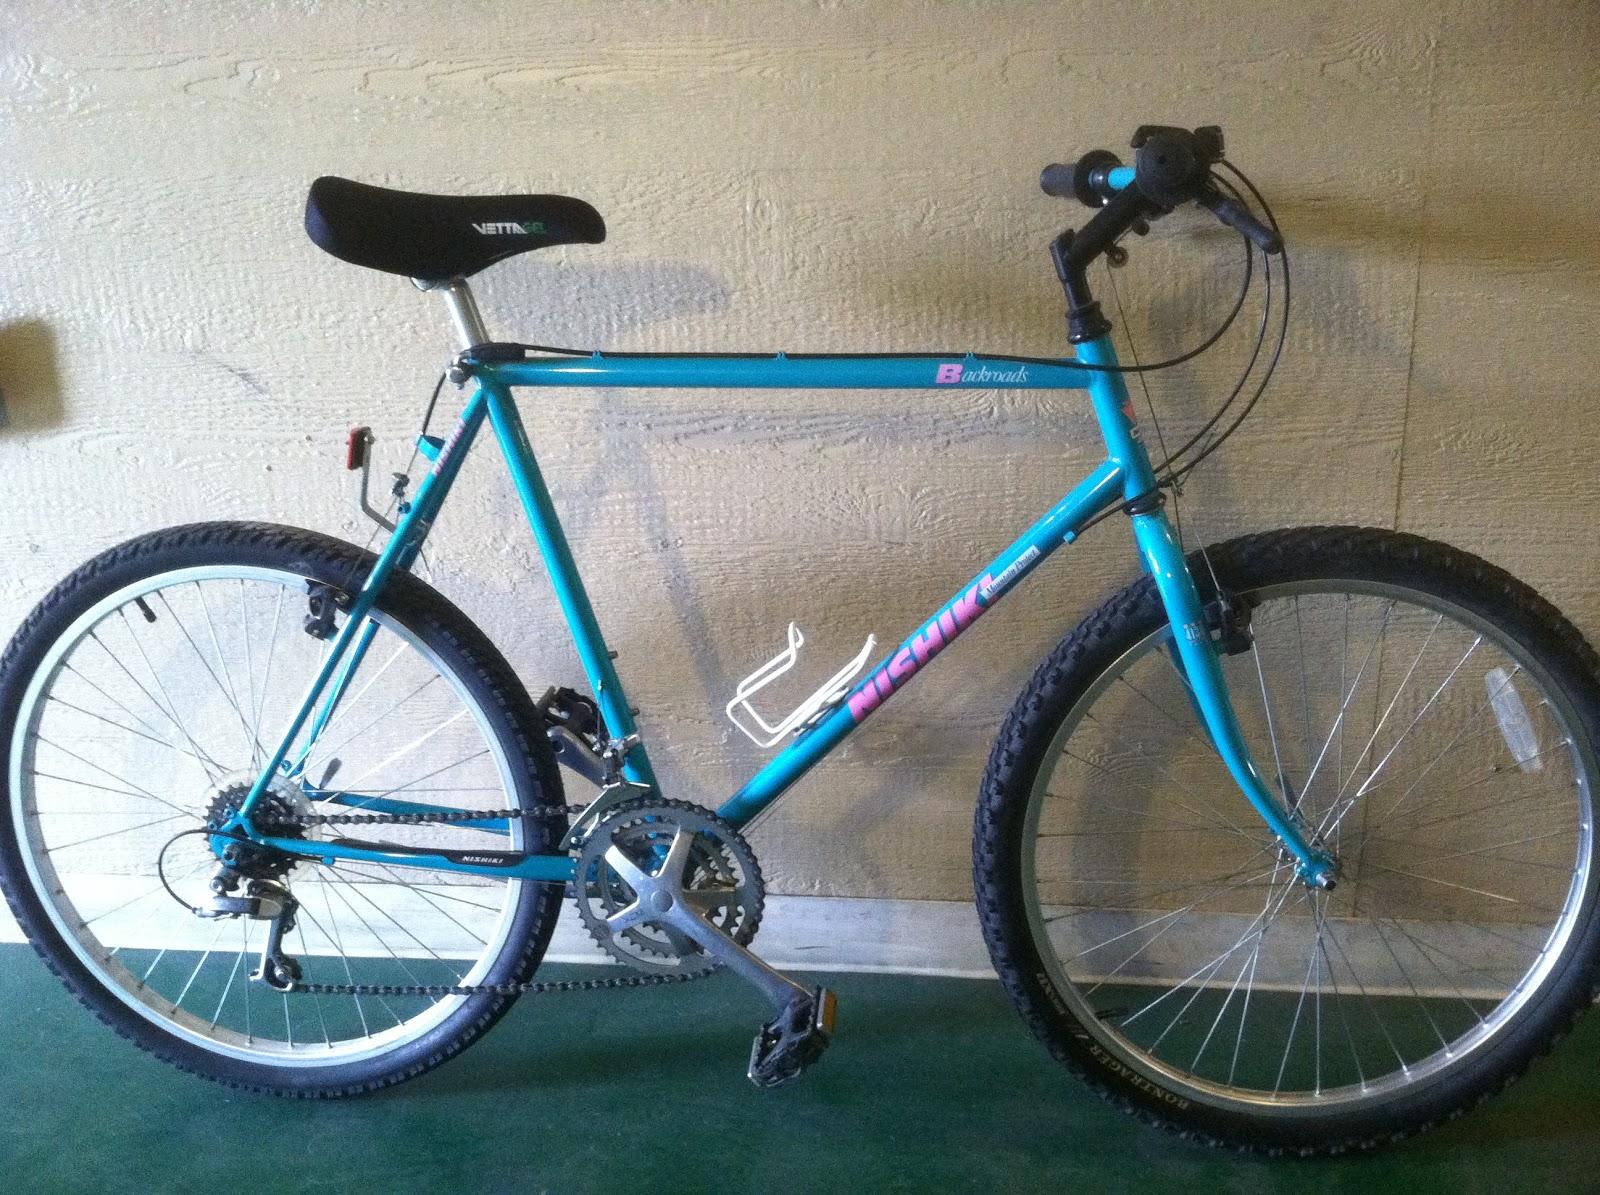 Resultado de imagem para nishiki backroads bike